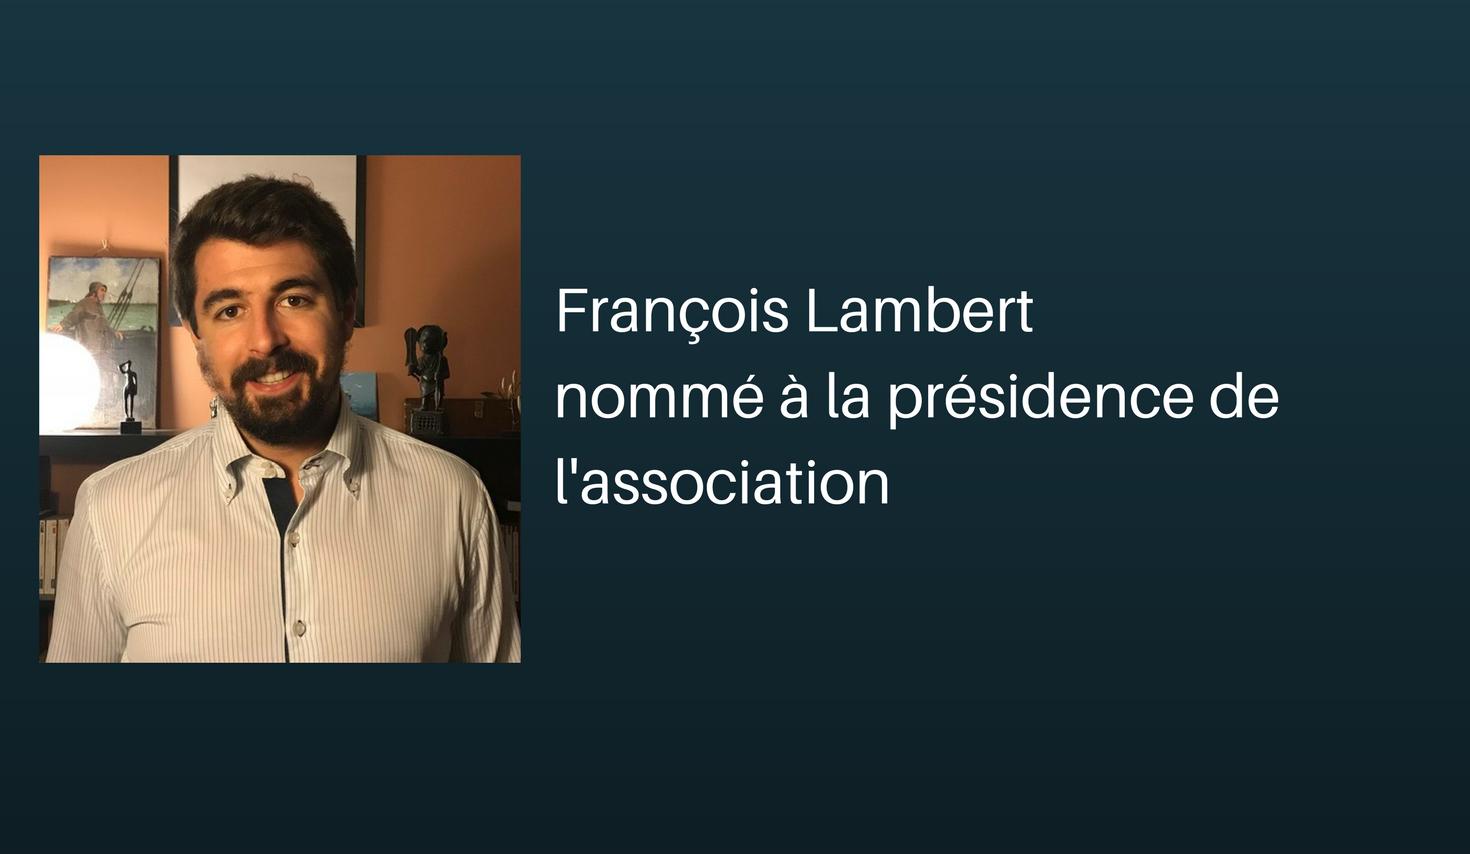 François Lambert nommé à la présidence de l'association(1)